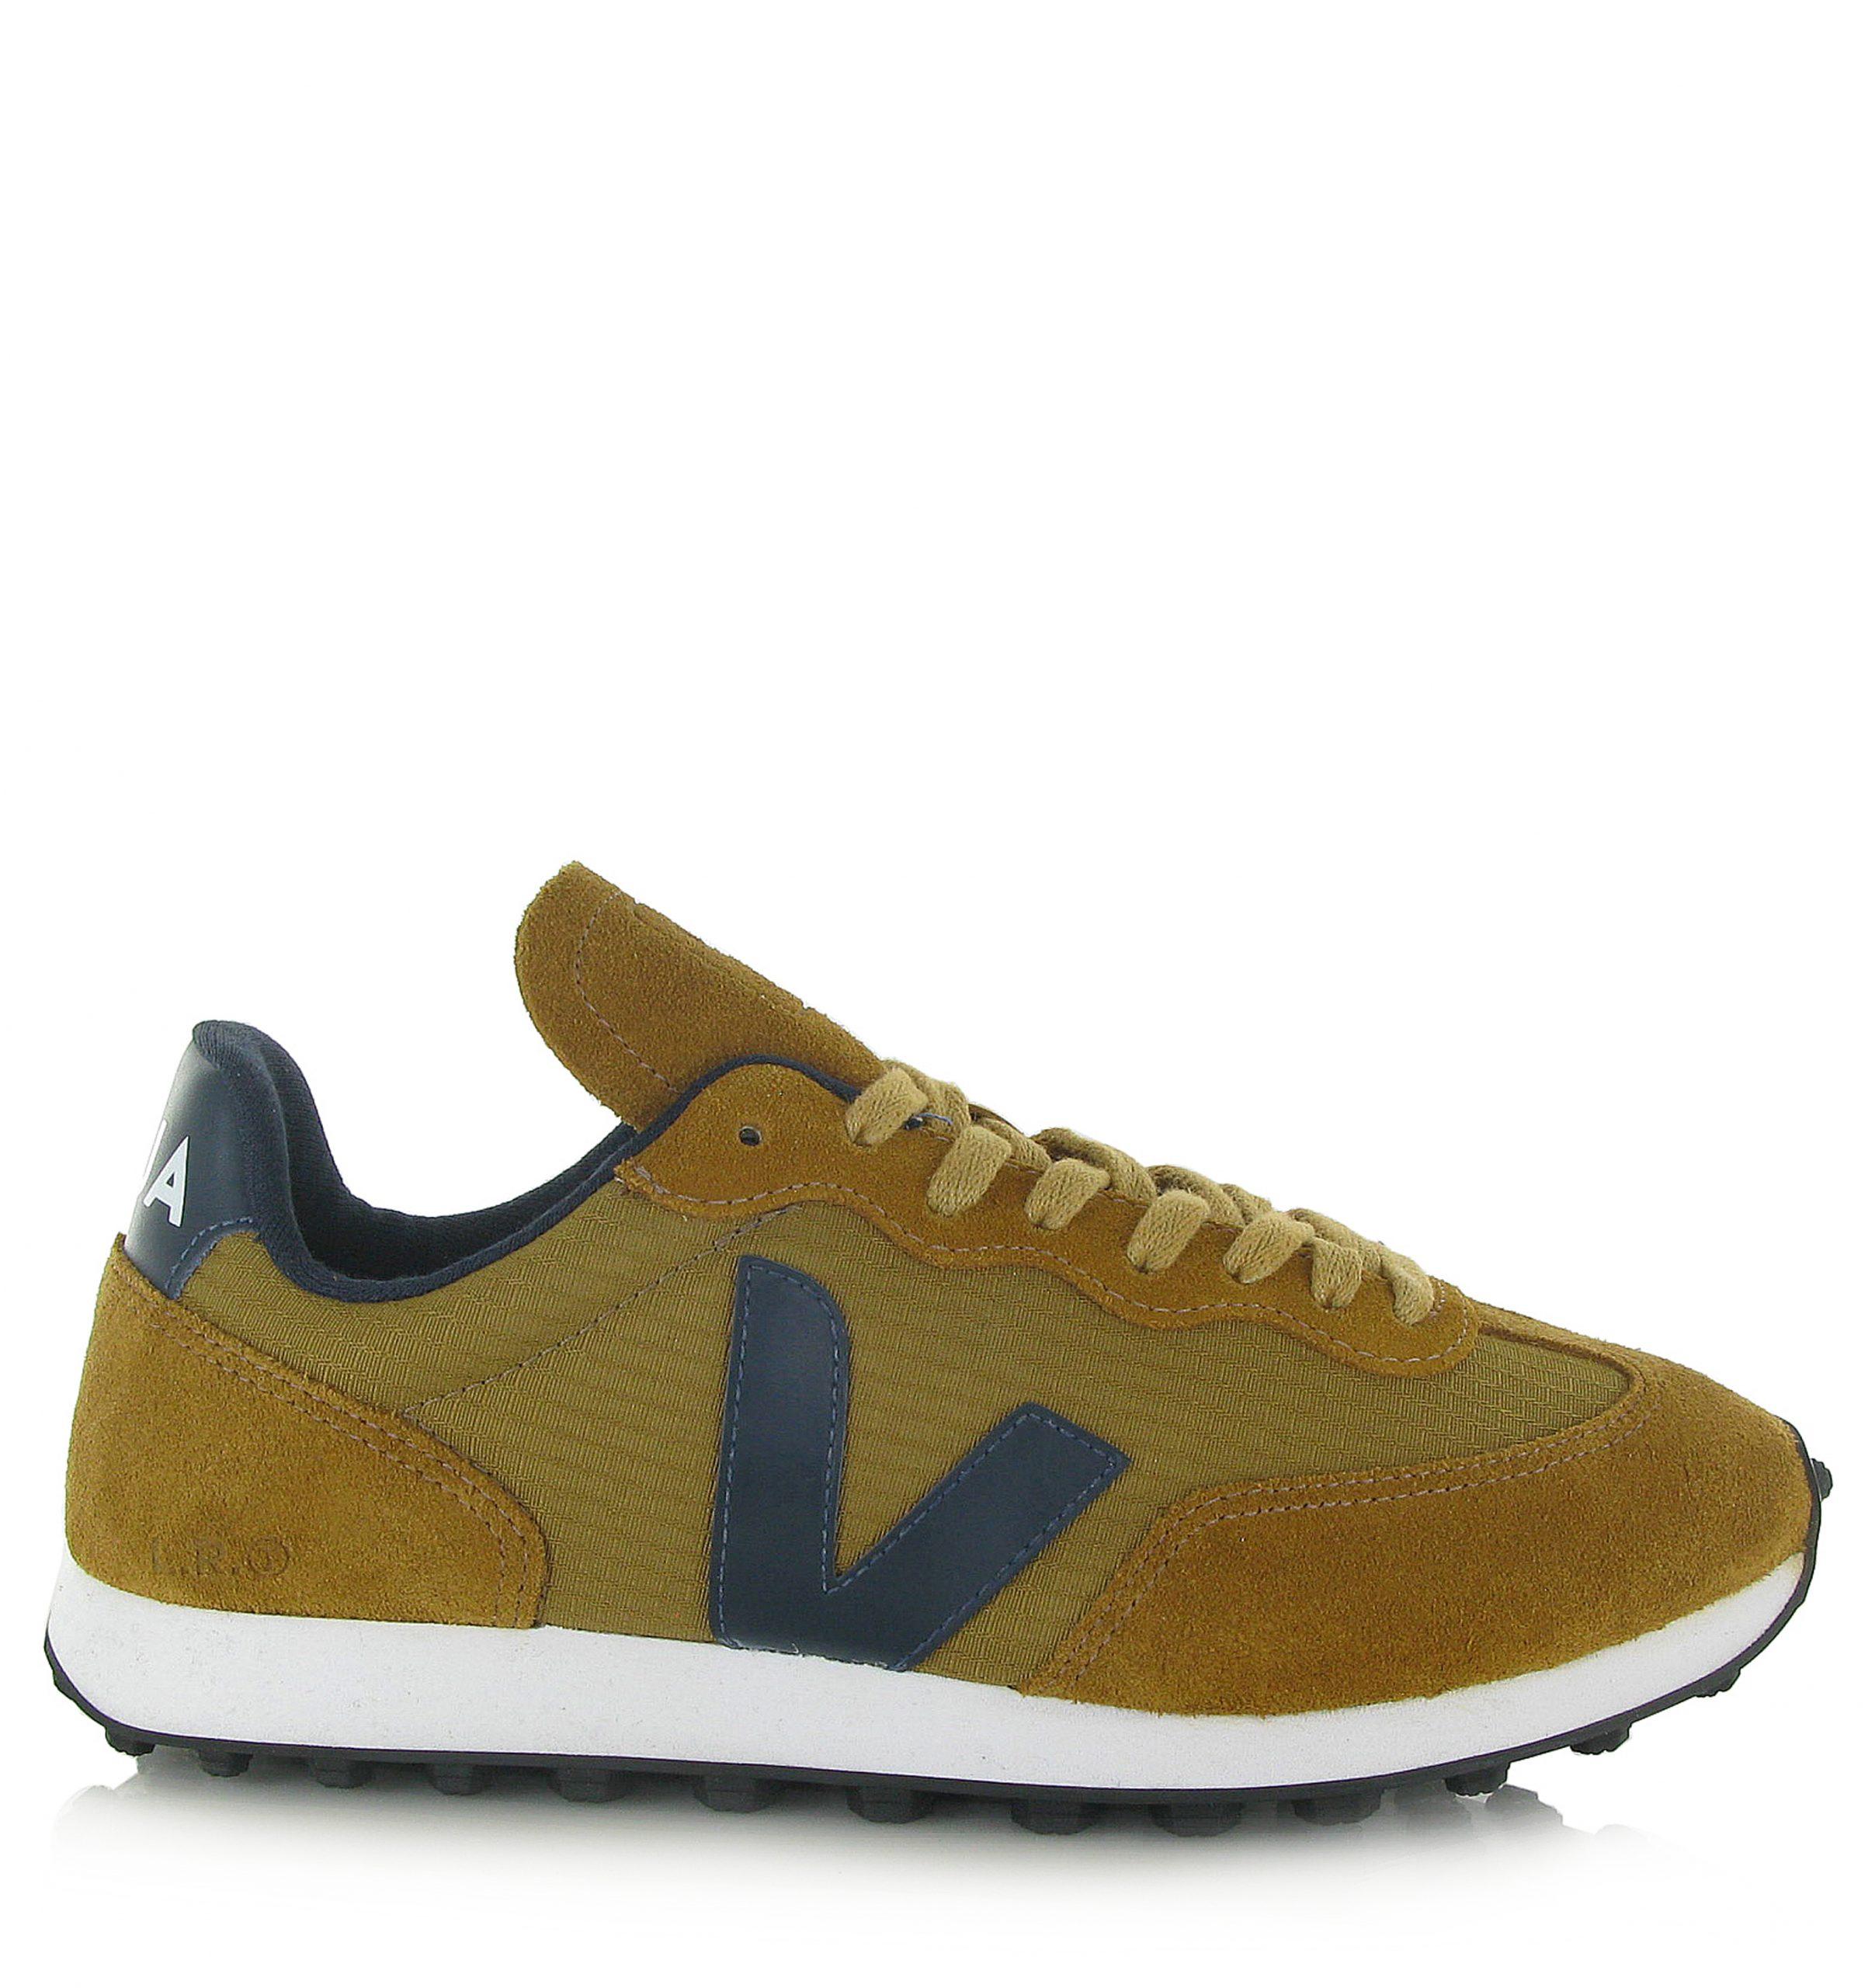 Veja Rio Branco schoenen